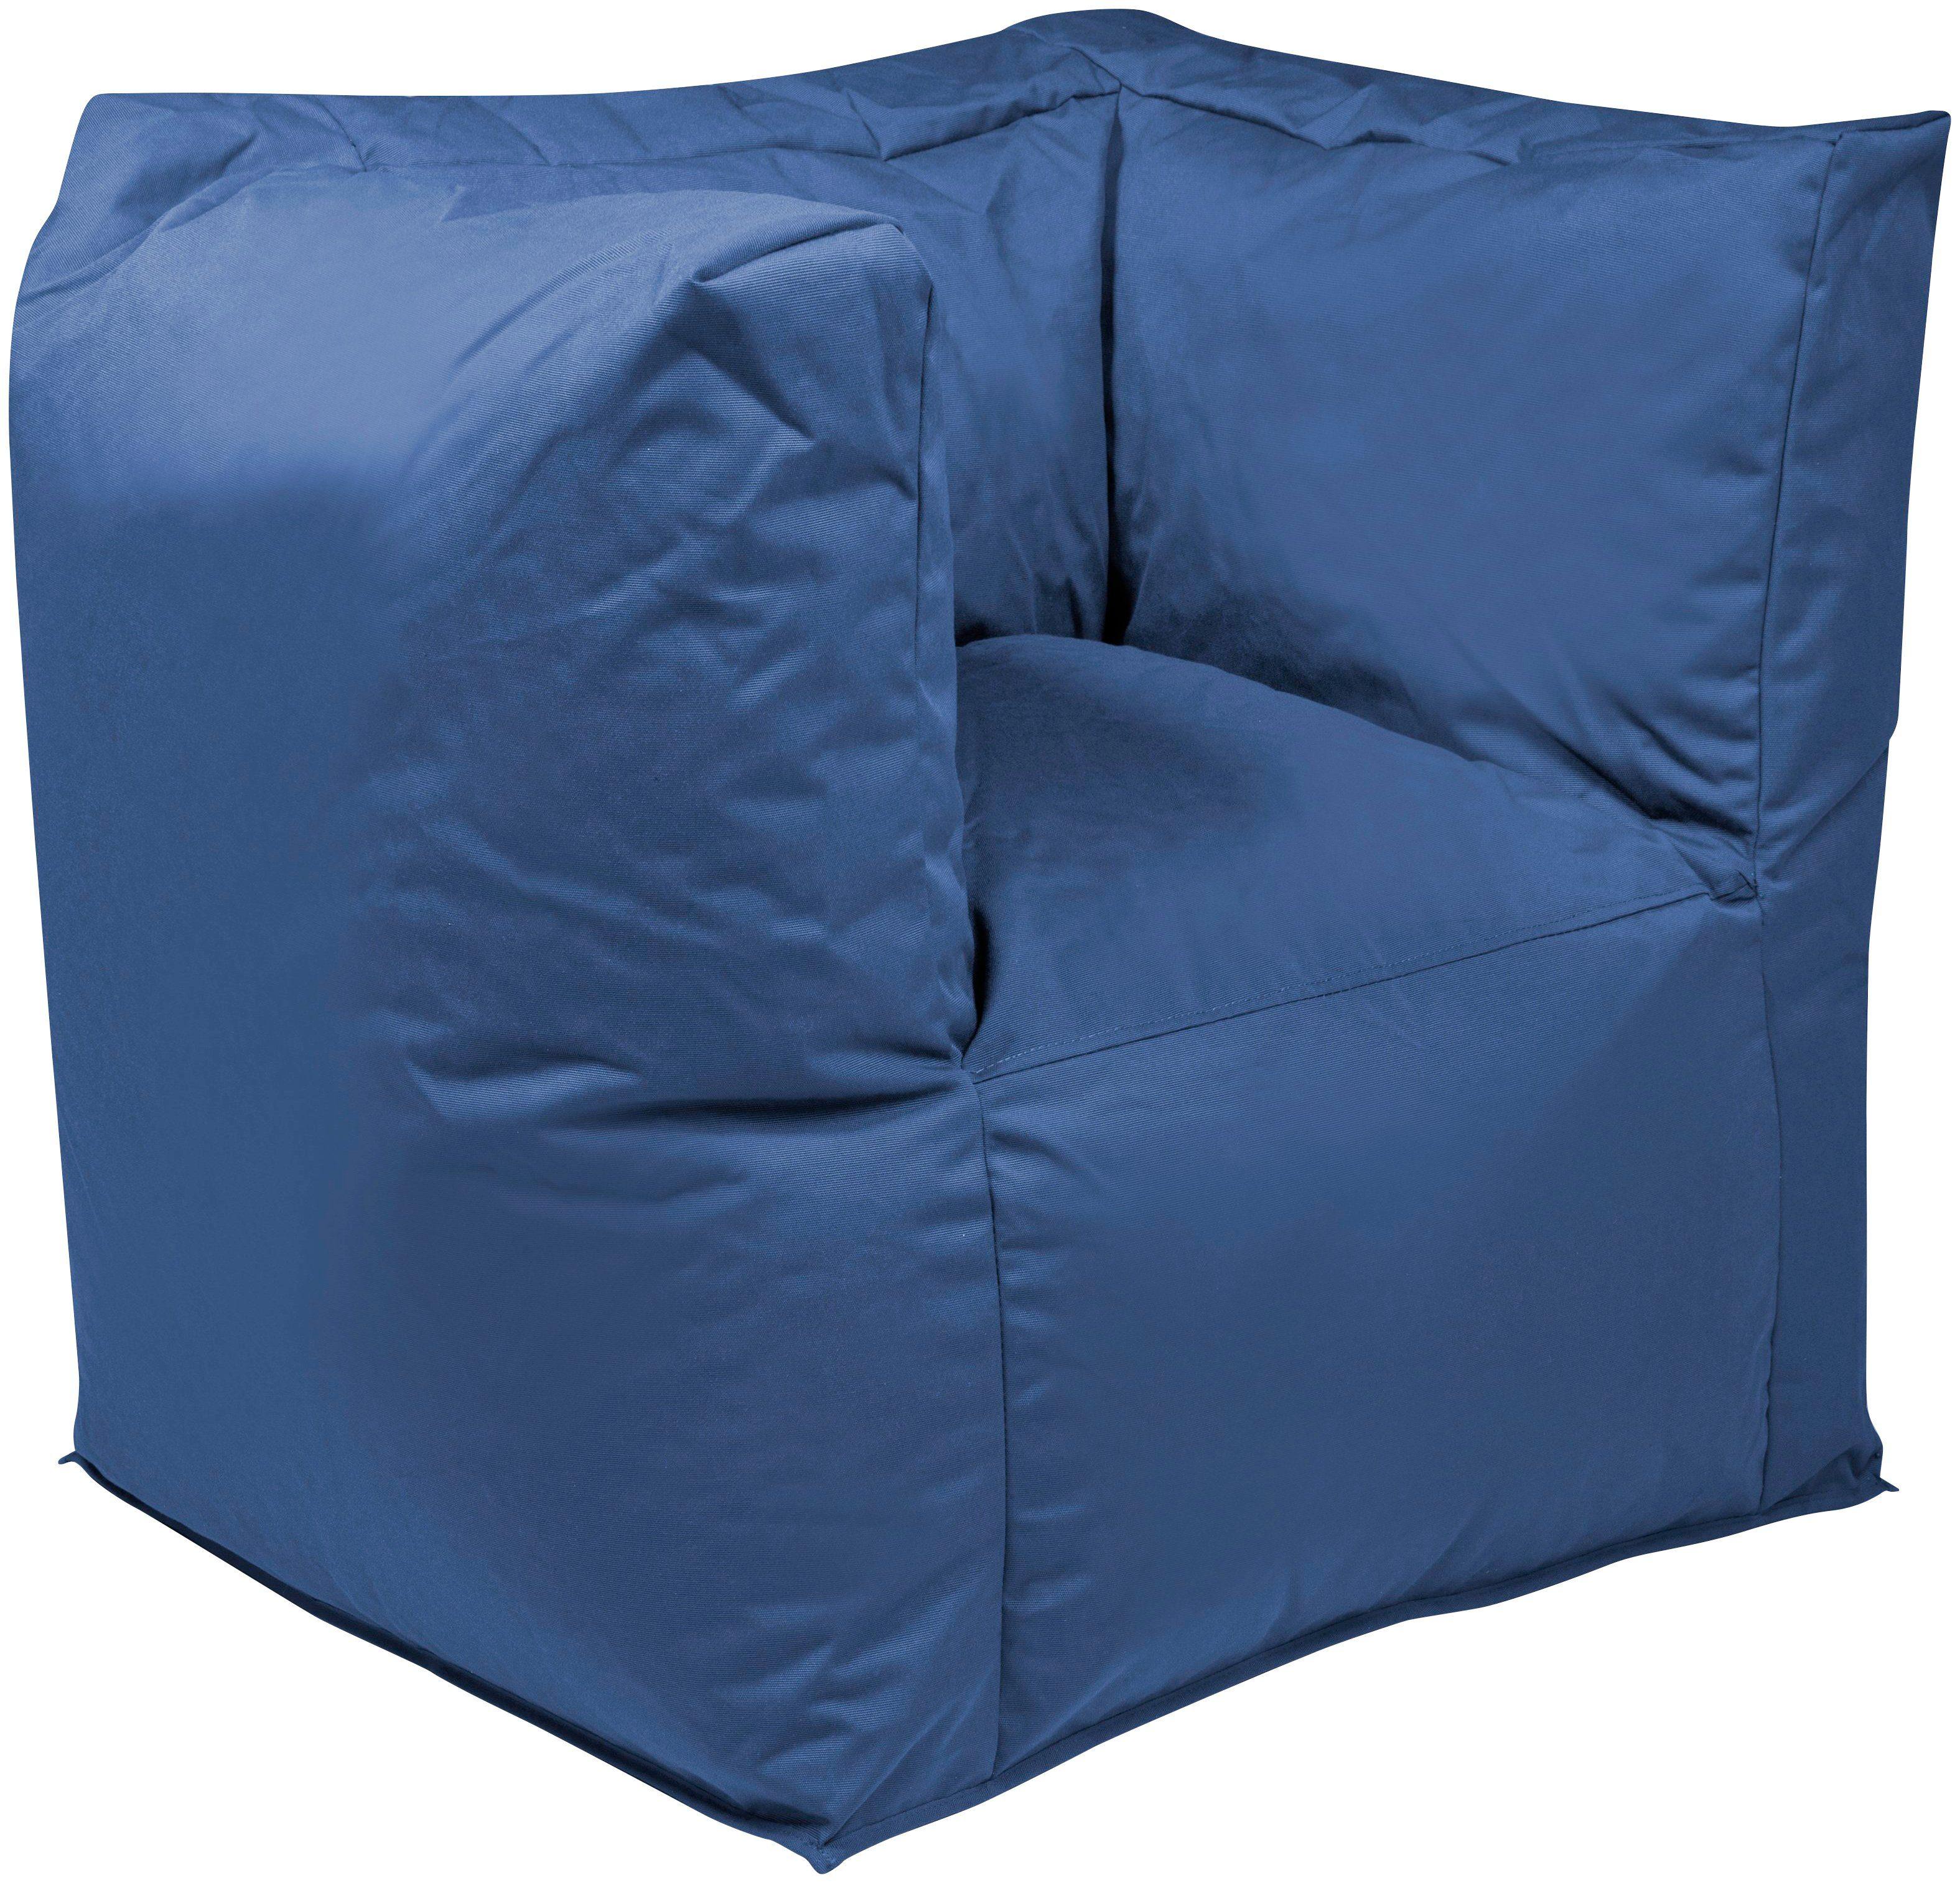 OUTBAG Sitzsack »Valley Plus«, für den Außenbereich, BxT: 65x60 cm online kaufen | OTTO